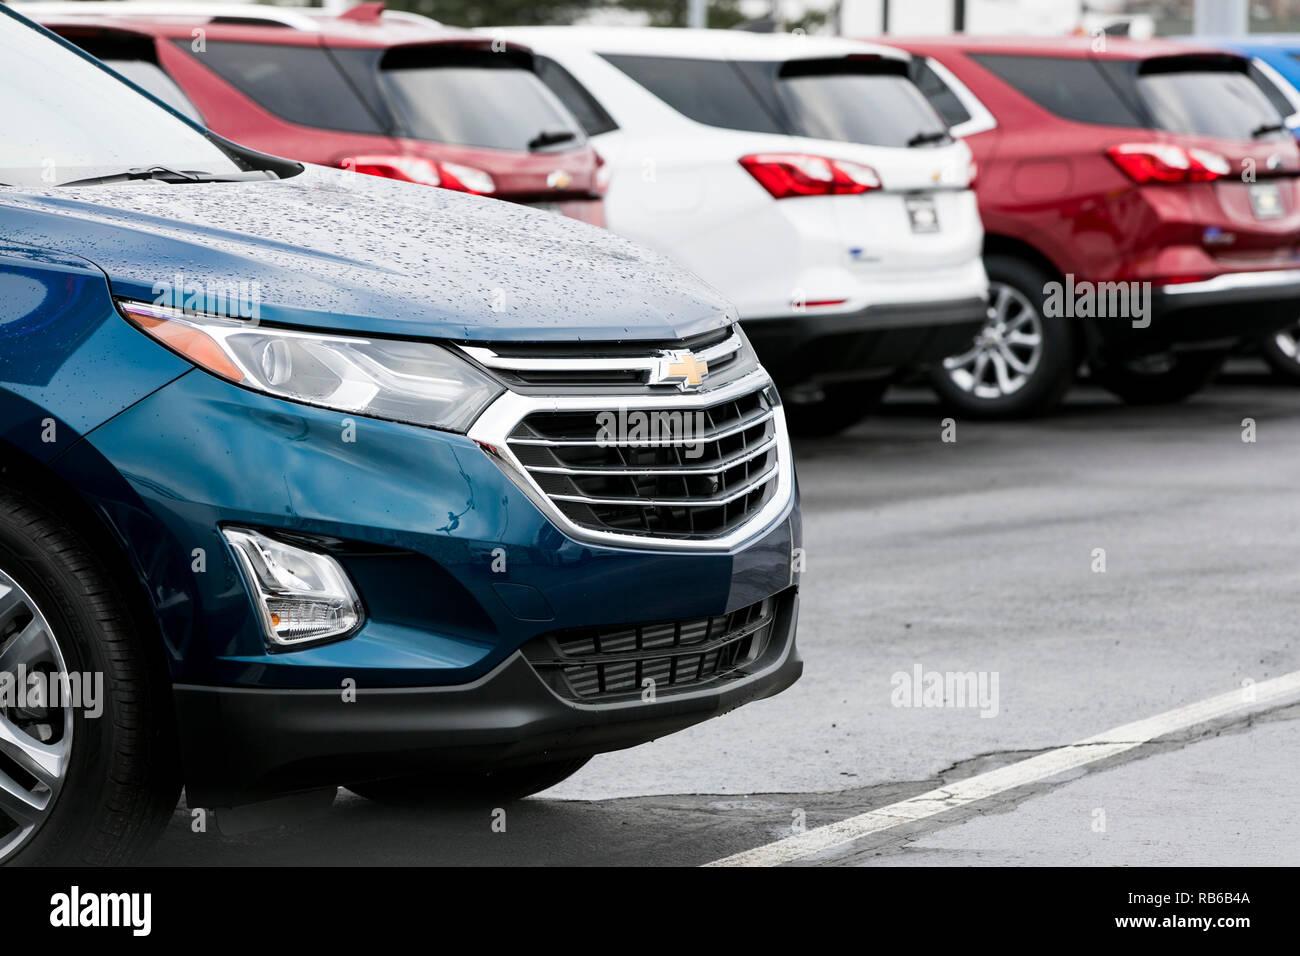 Nuevo Chevrolet (Chevy) de vehículos utilitarios deportivos (SUV) en un concesionario mucho en Wilkes-Barre, Pennsylvania, el 30 de diciembre de 2018. Imagen De Stock